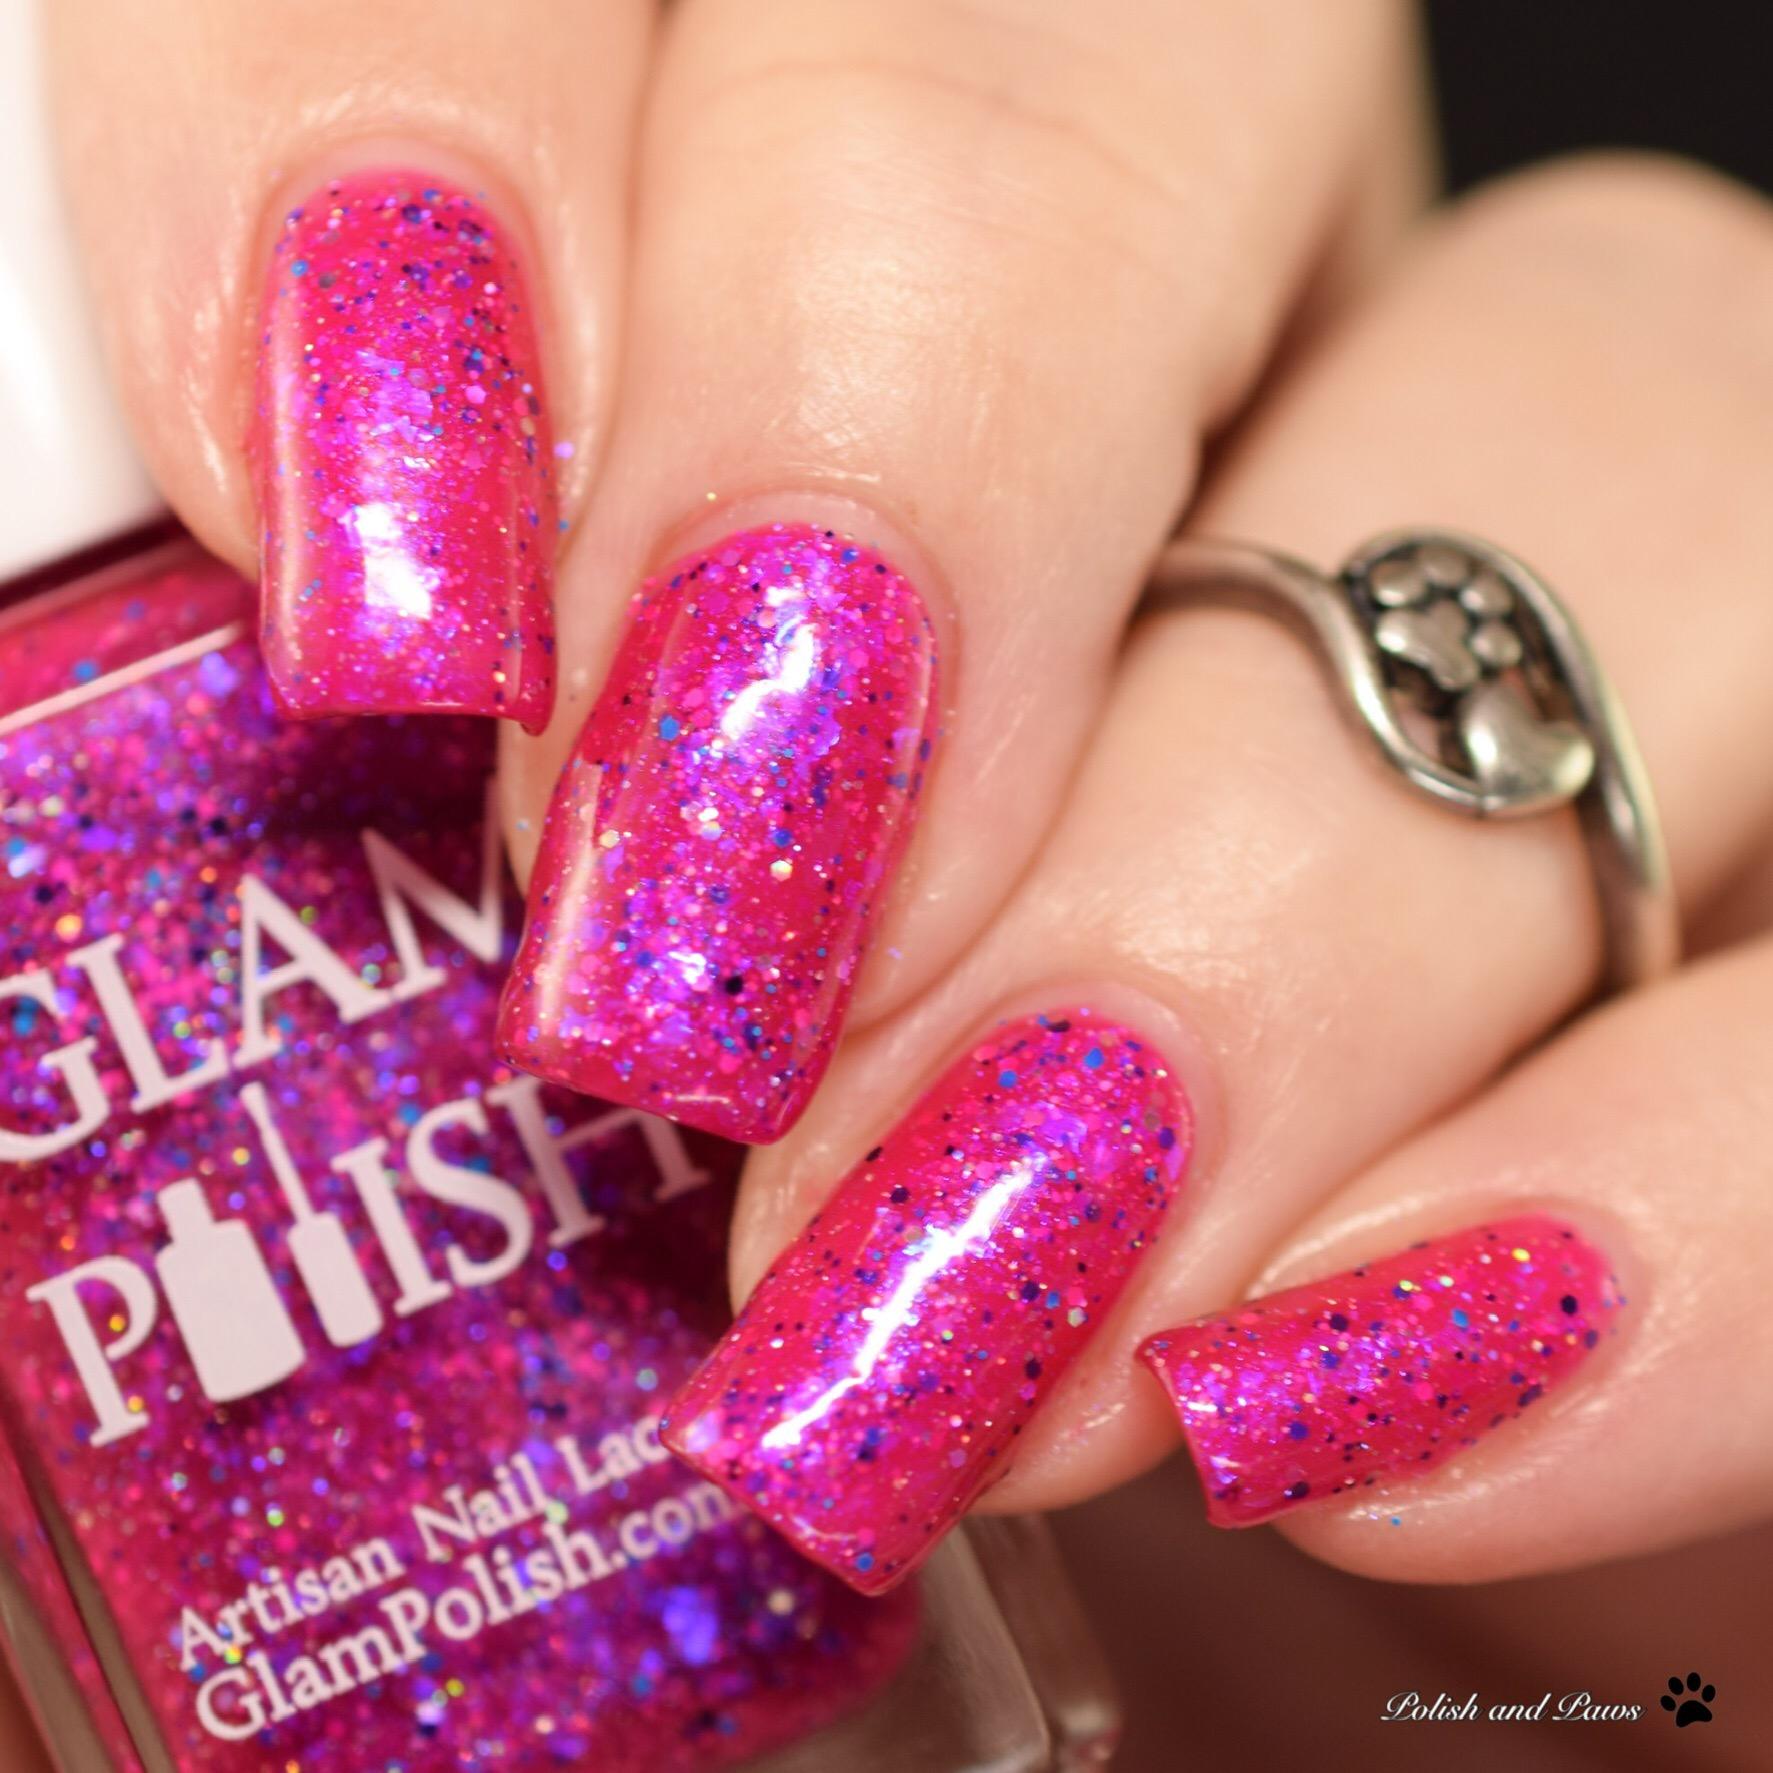 Glam Polish Sink or Swim